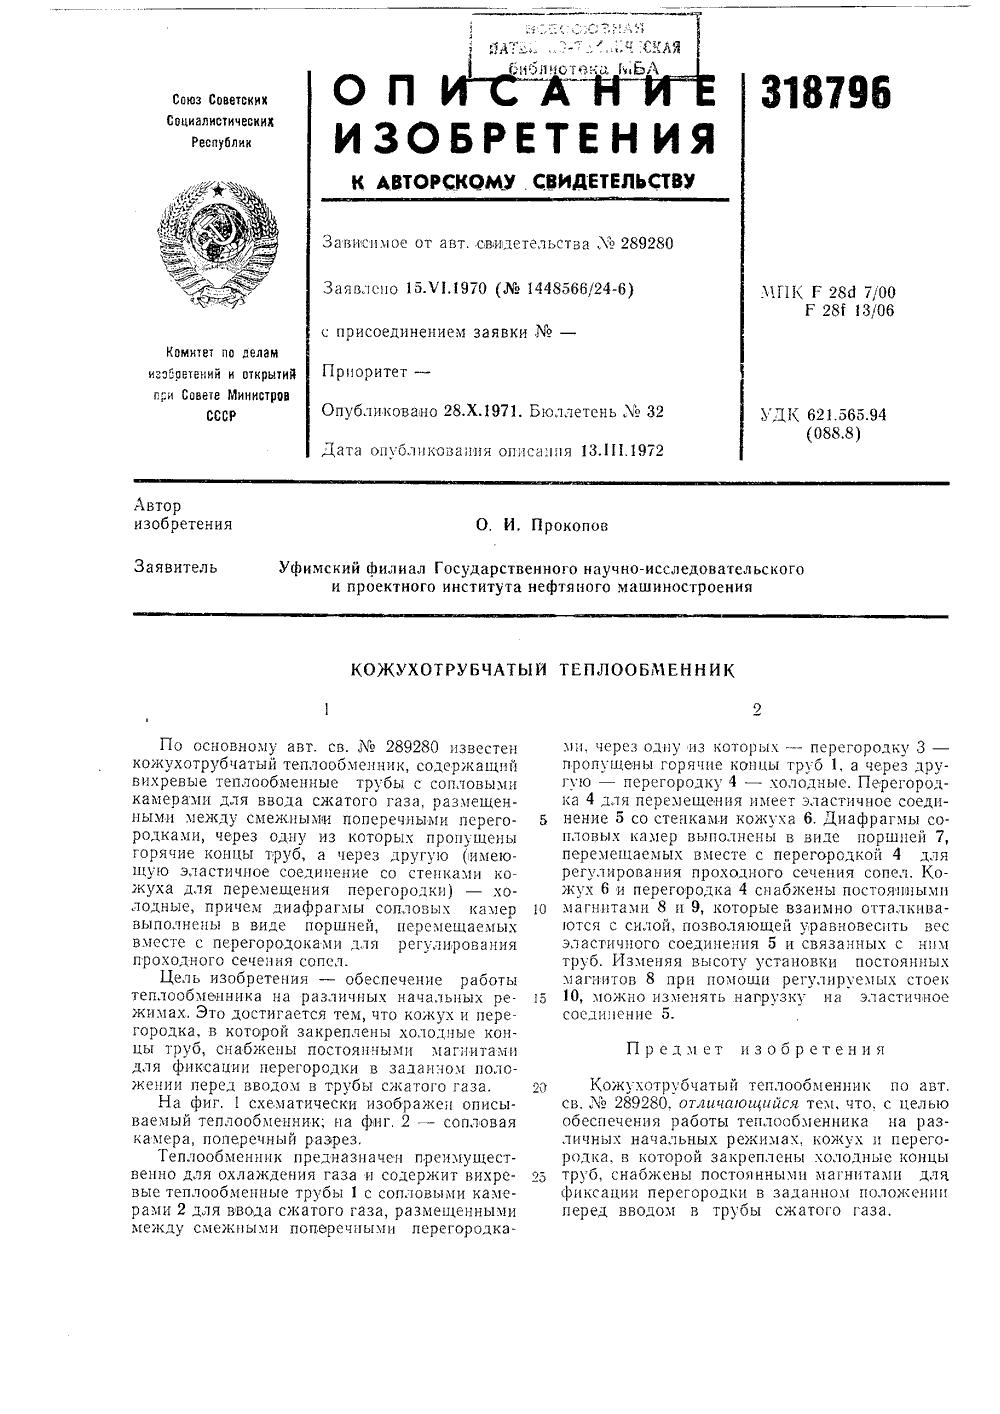 Уплотнения теплообменника КС 17 Шадринск Кожухотрубный испаритель ONDA PE-G 25 Одинцово